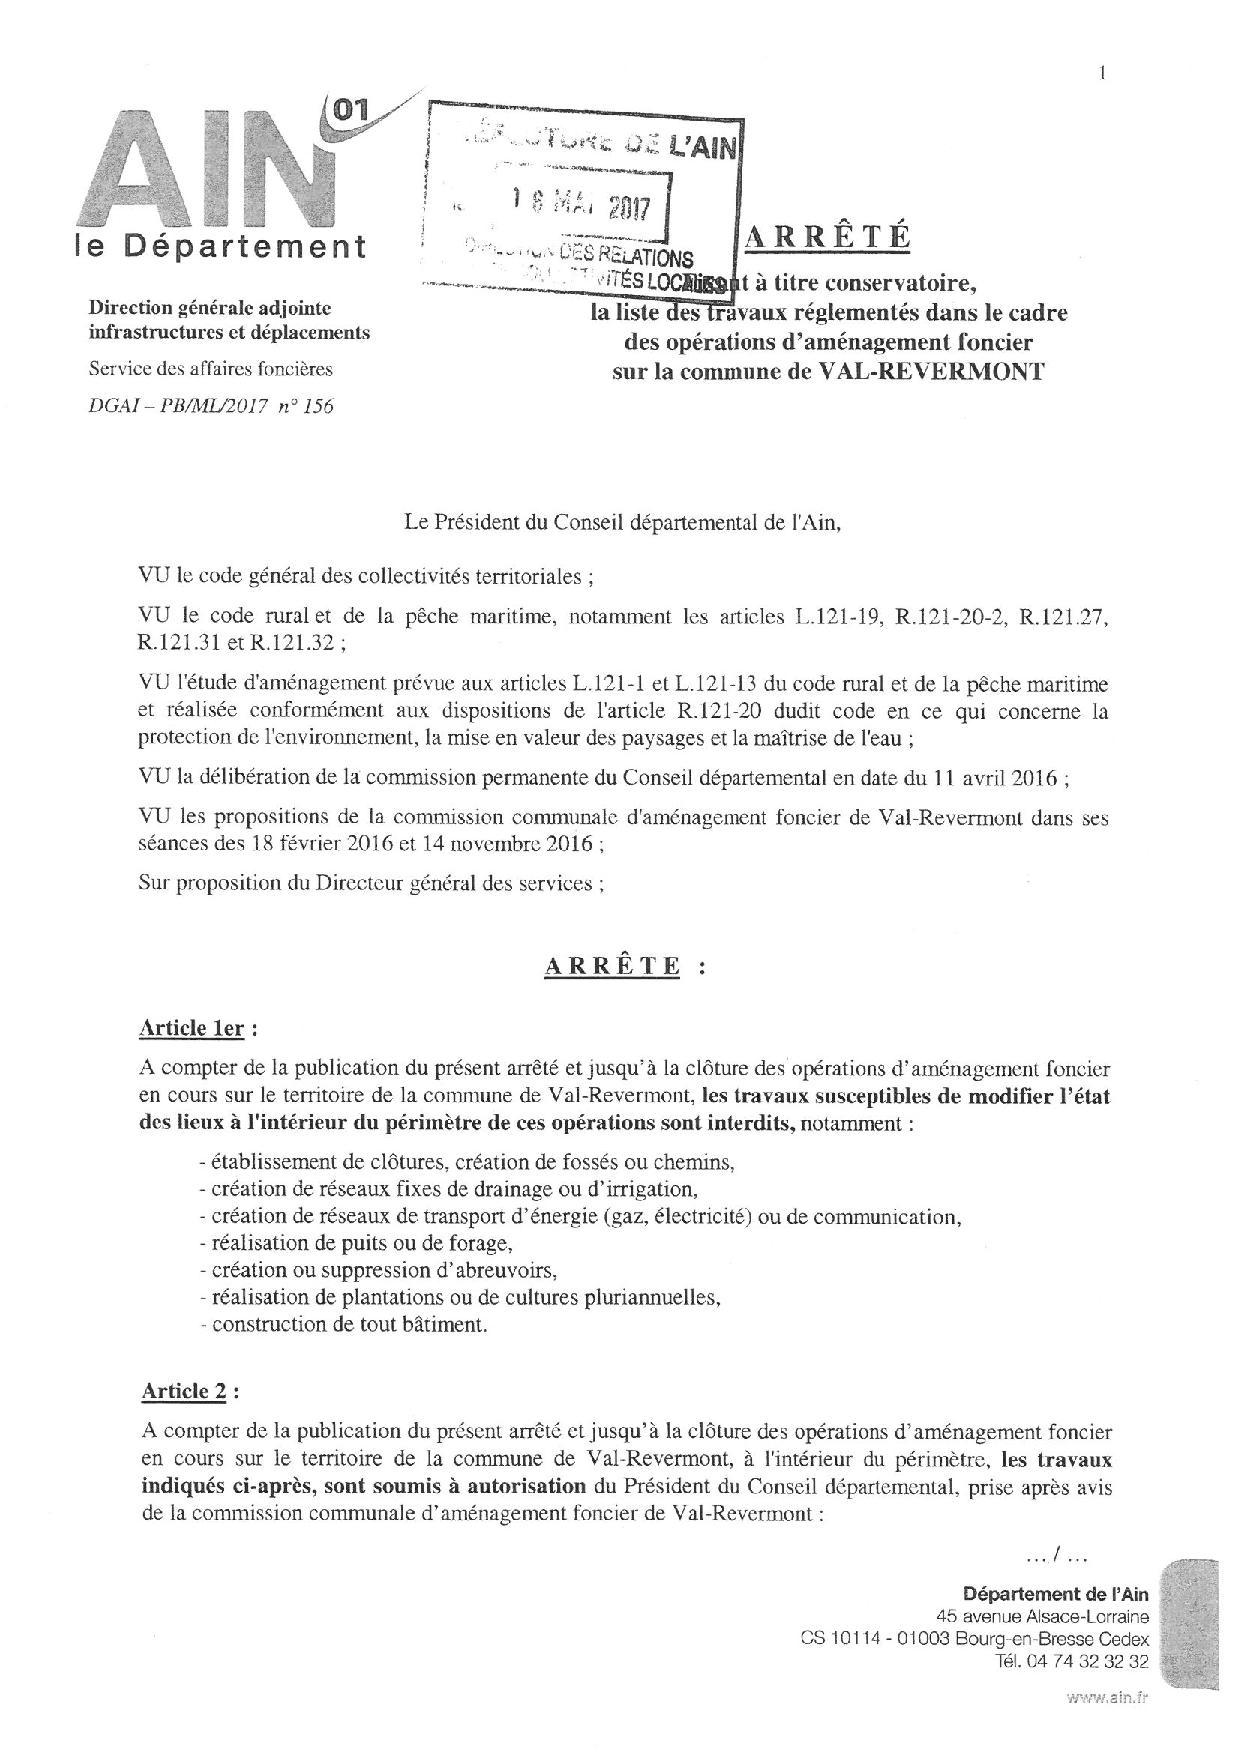 Arrêté liste des travaux réglementés dans le cadre des opérations d aménagement foncier-1-page-001